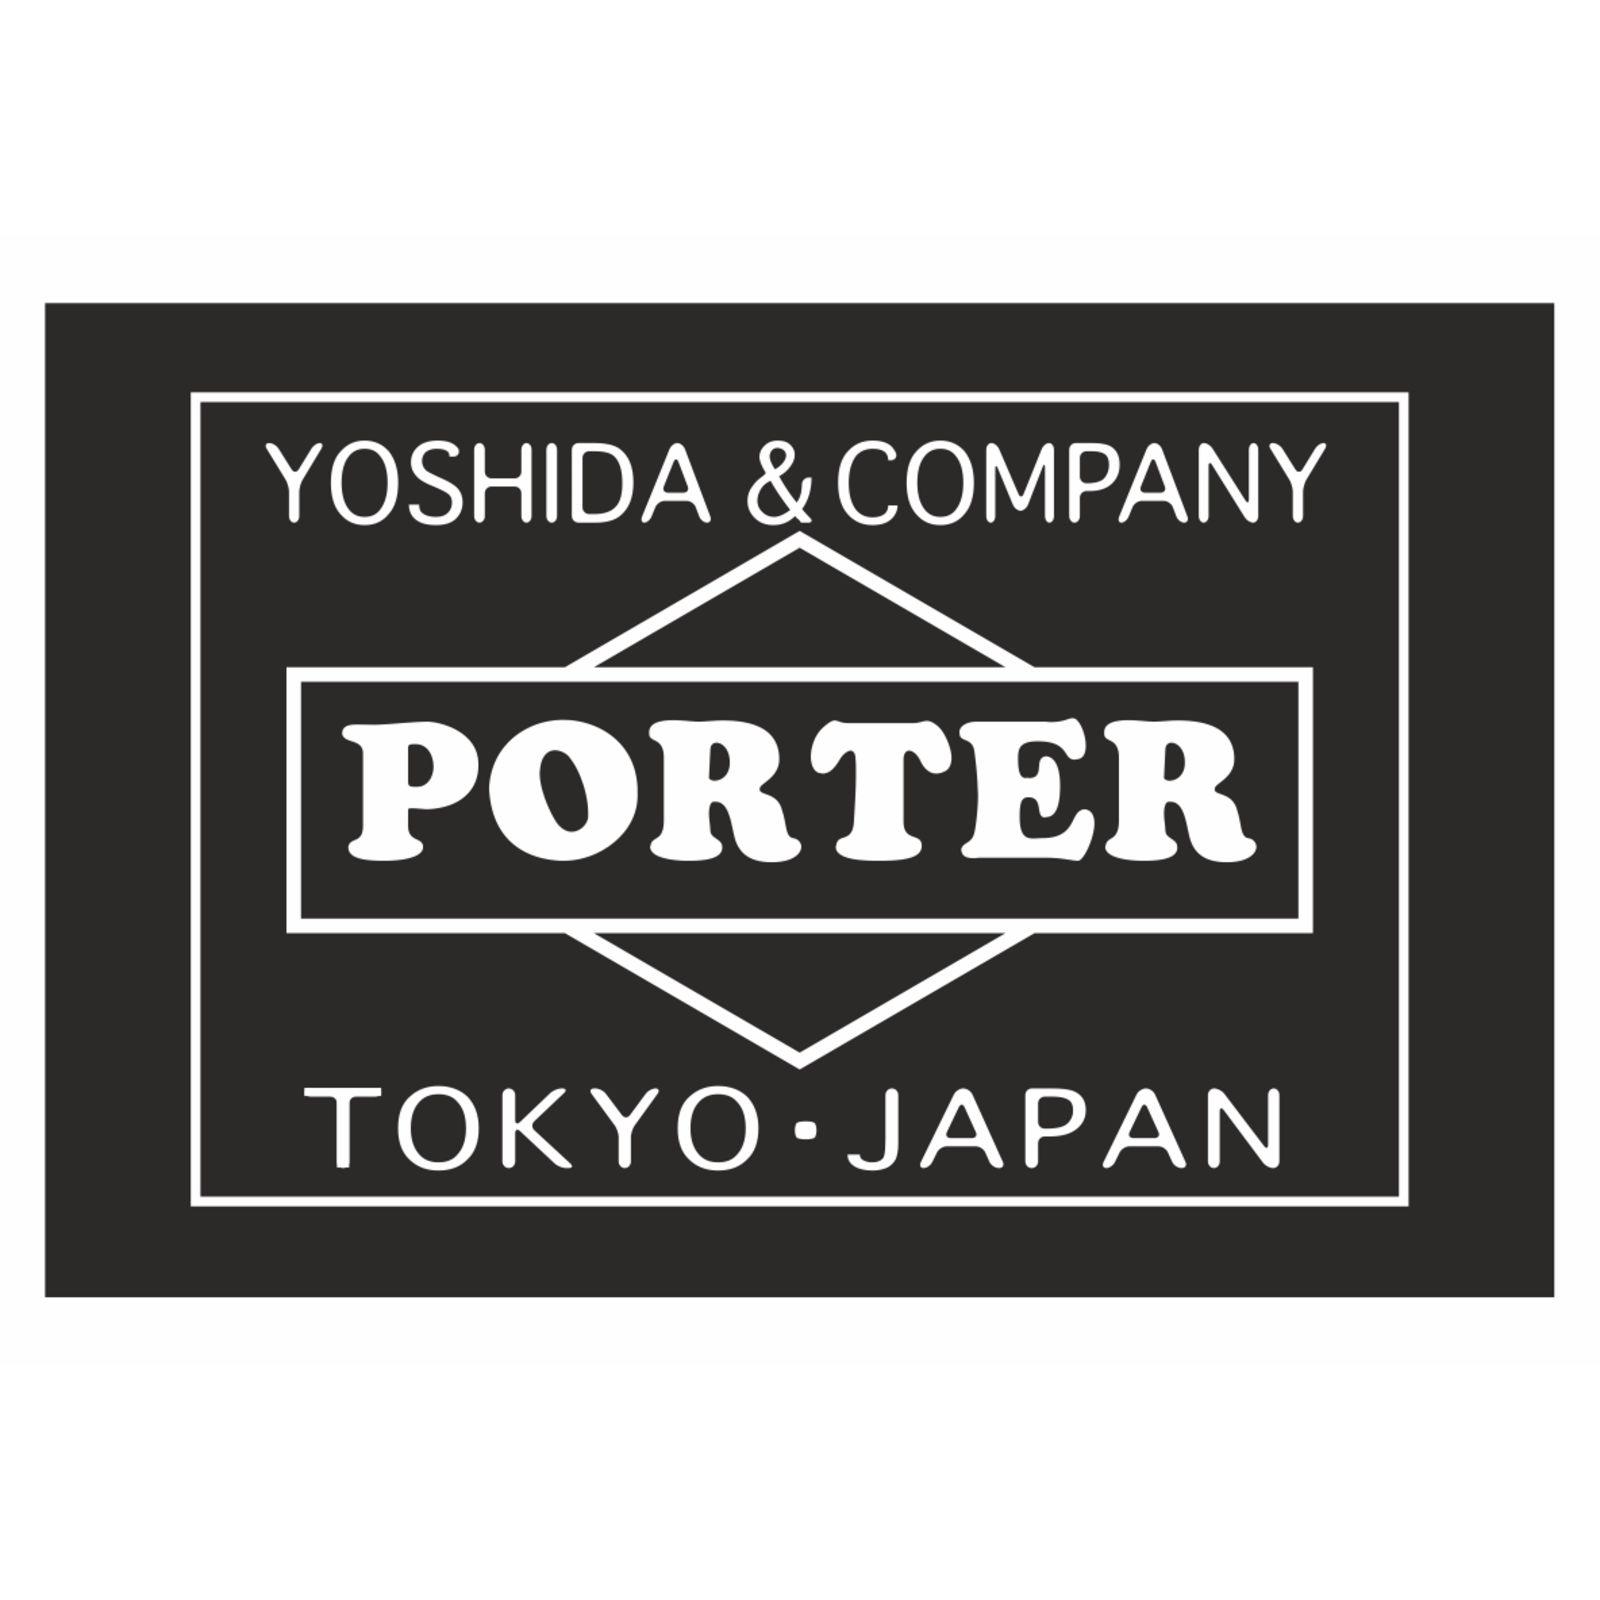 PORTER-YOSHIDA